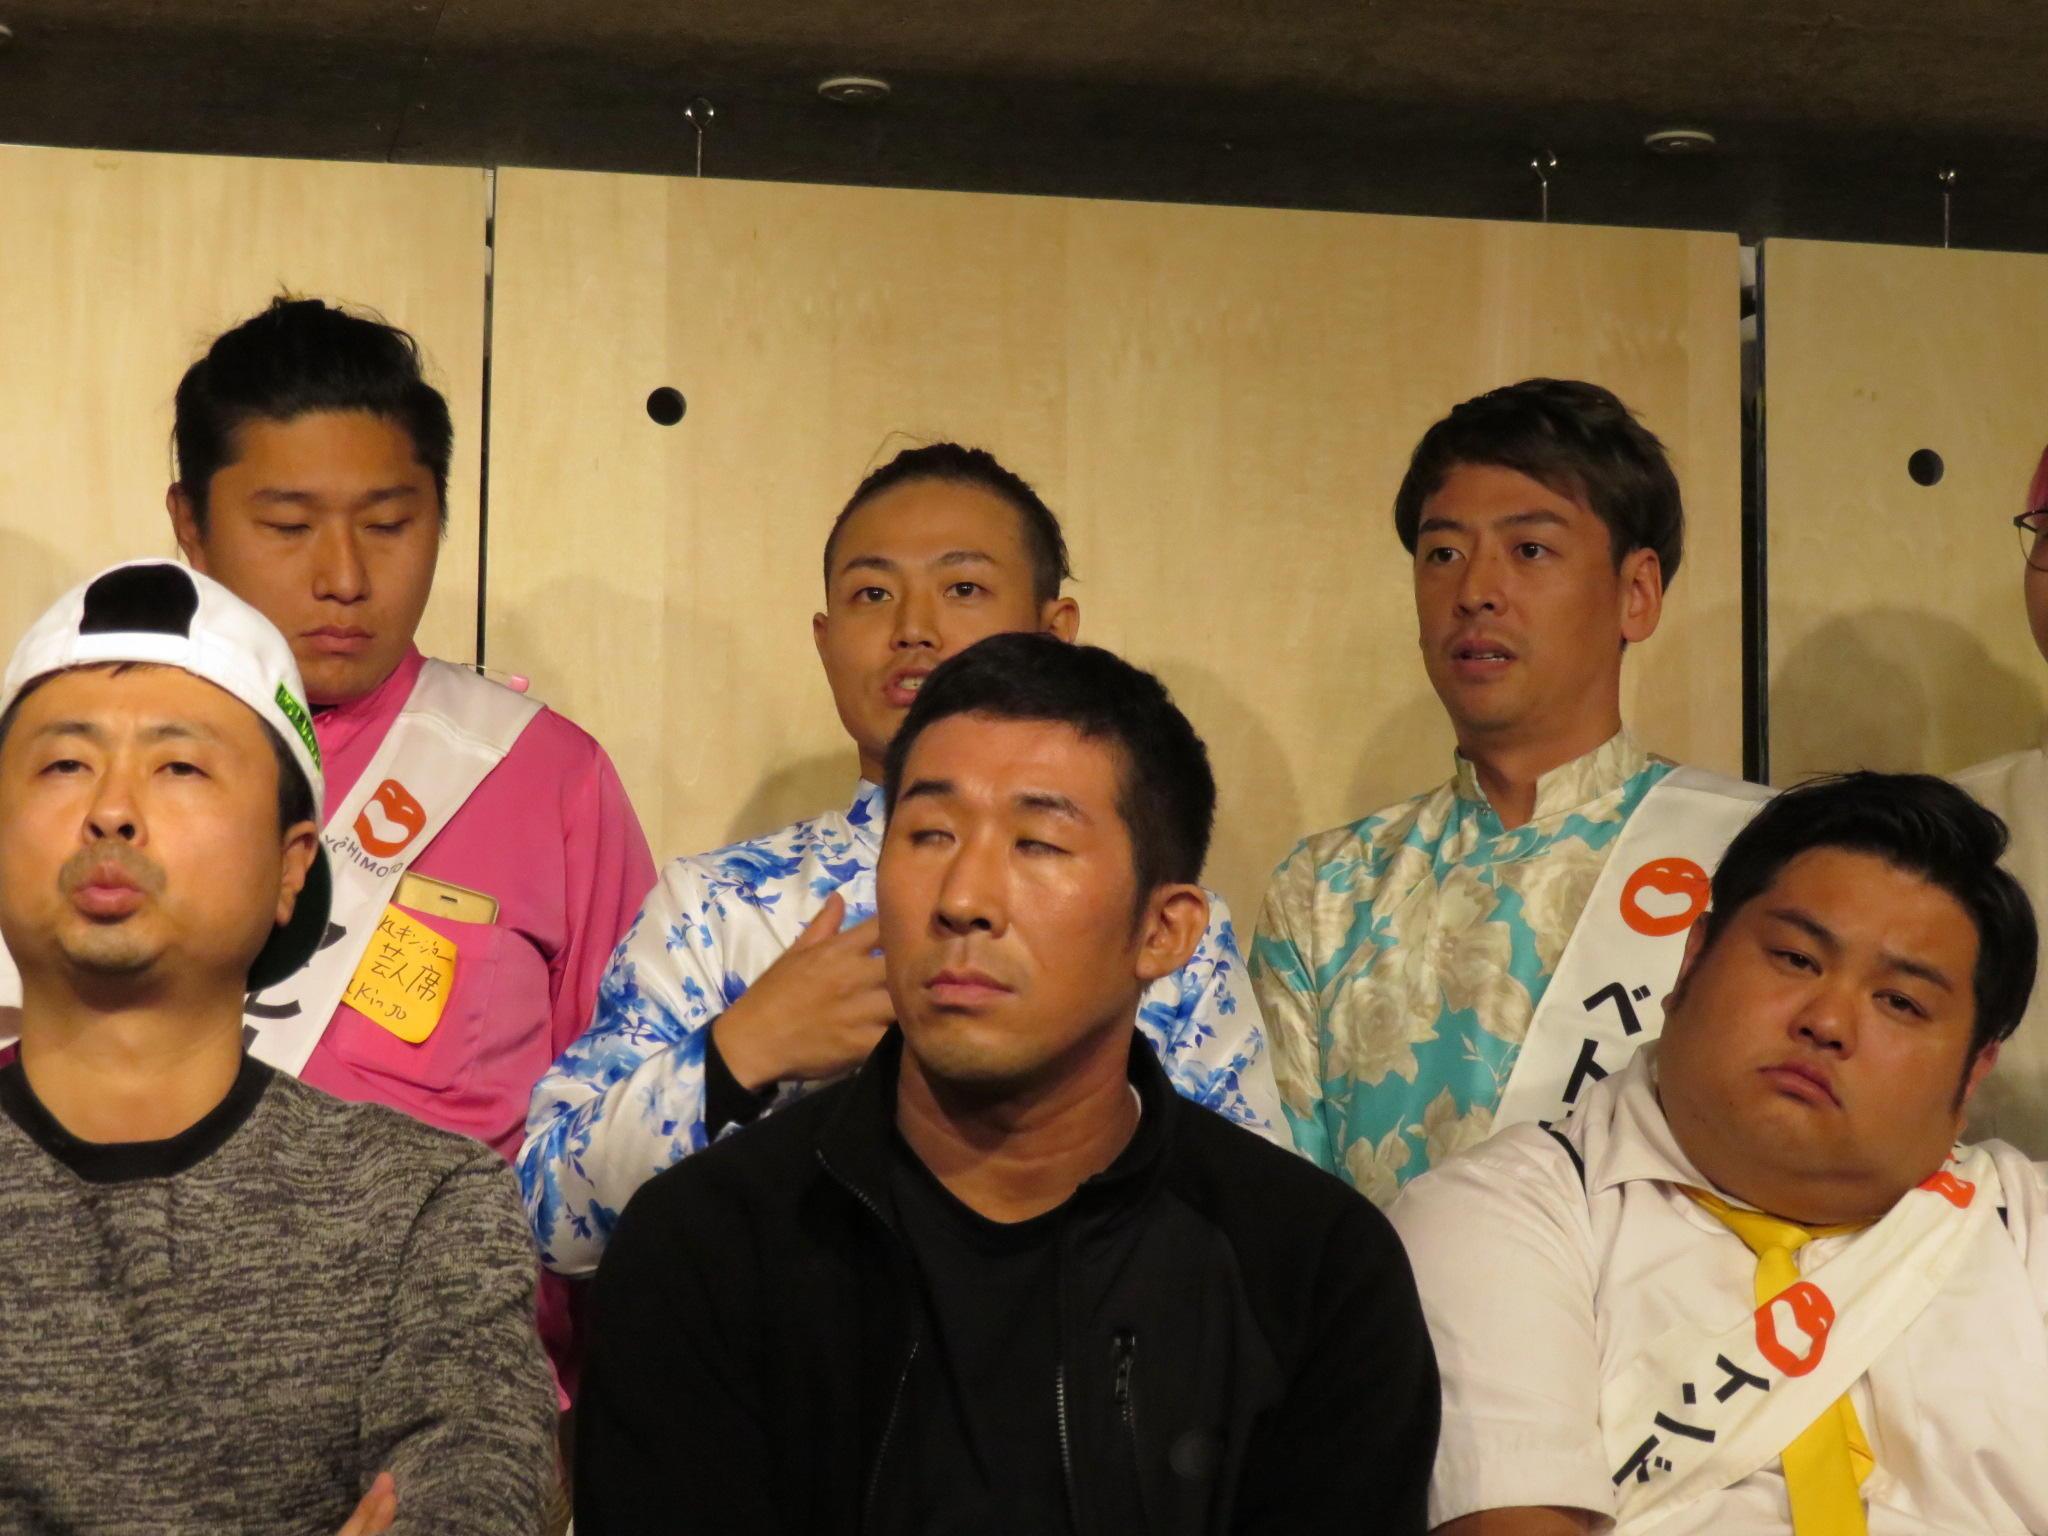 http://news.yoshimoto.co.jp/20181230134701-2b9d86e1406aebd4d46d54a4cdb2afca672d7132.jpg